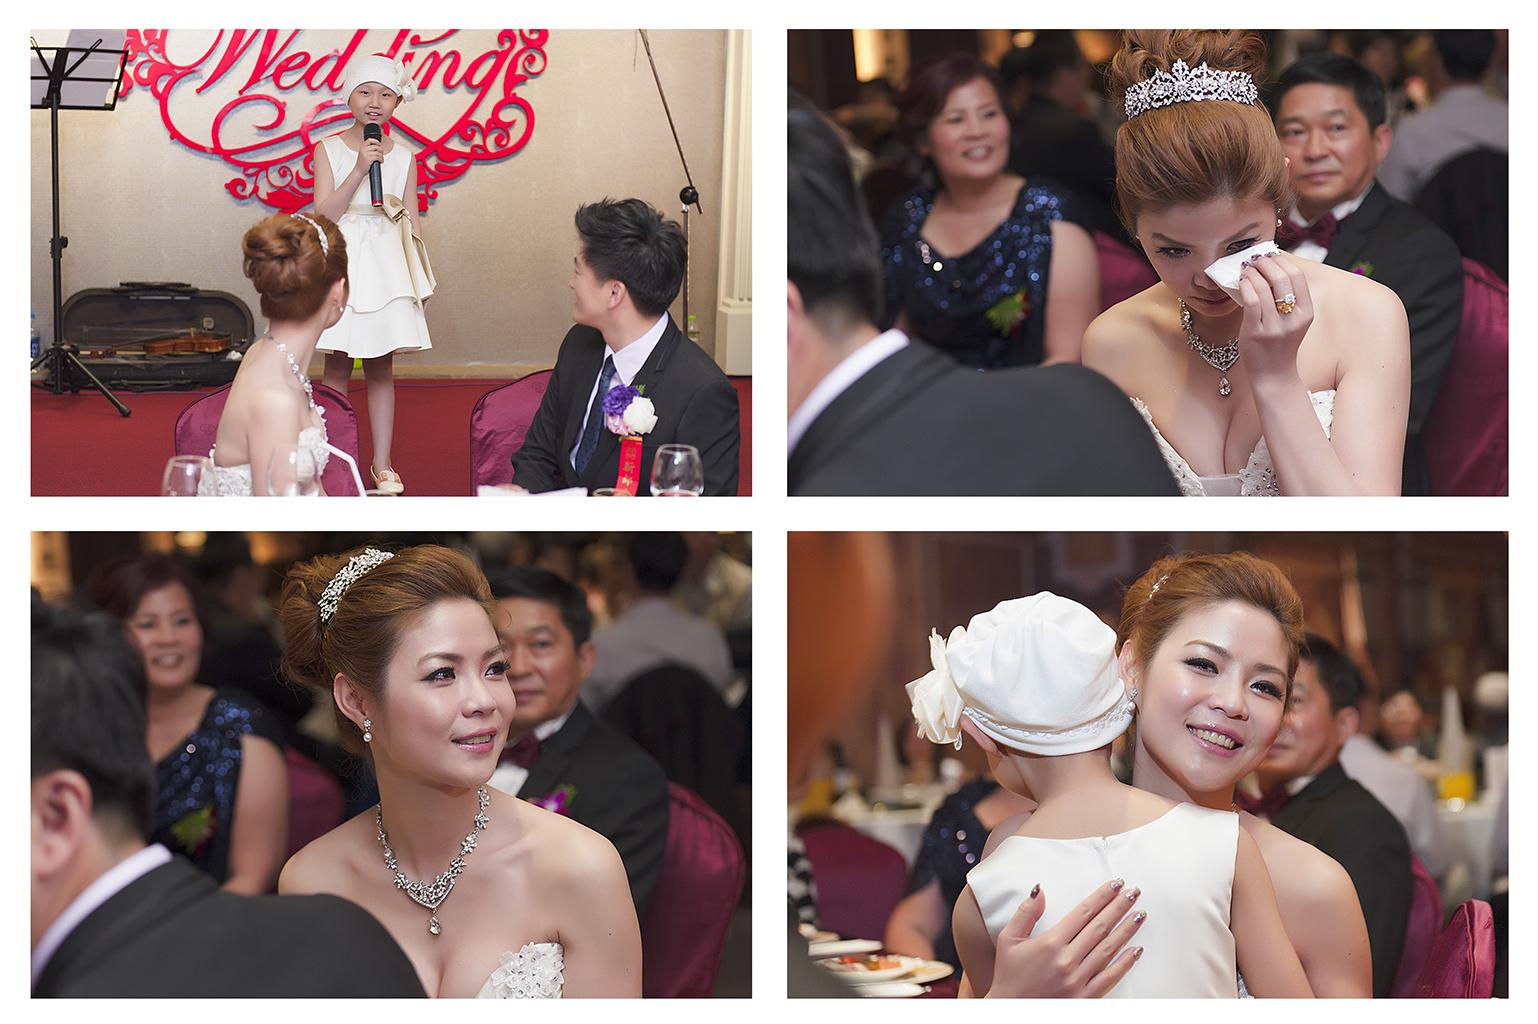 29153279864 f99163fef4 o - [台中婚攝] 婚禮攝影@新天地婚宴會館  忠會 & 怡芳